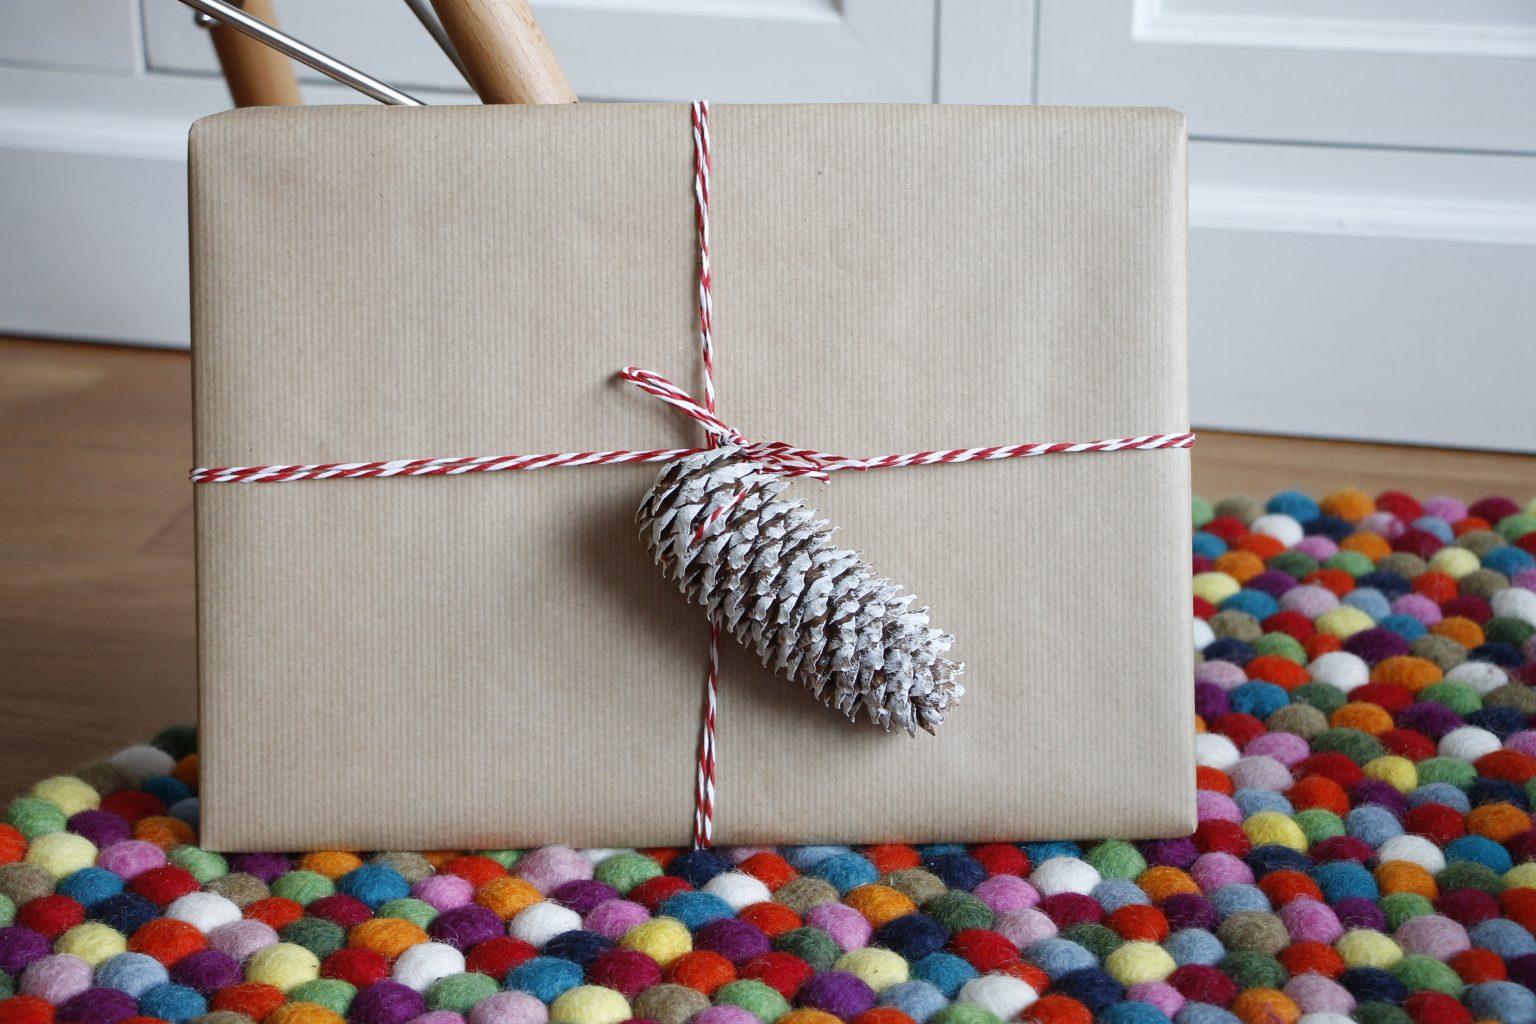 Geschenke mit Naturmaterialien verpacken